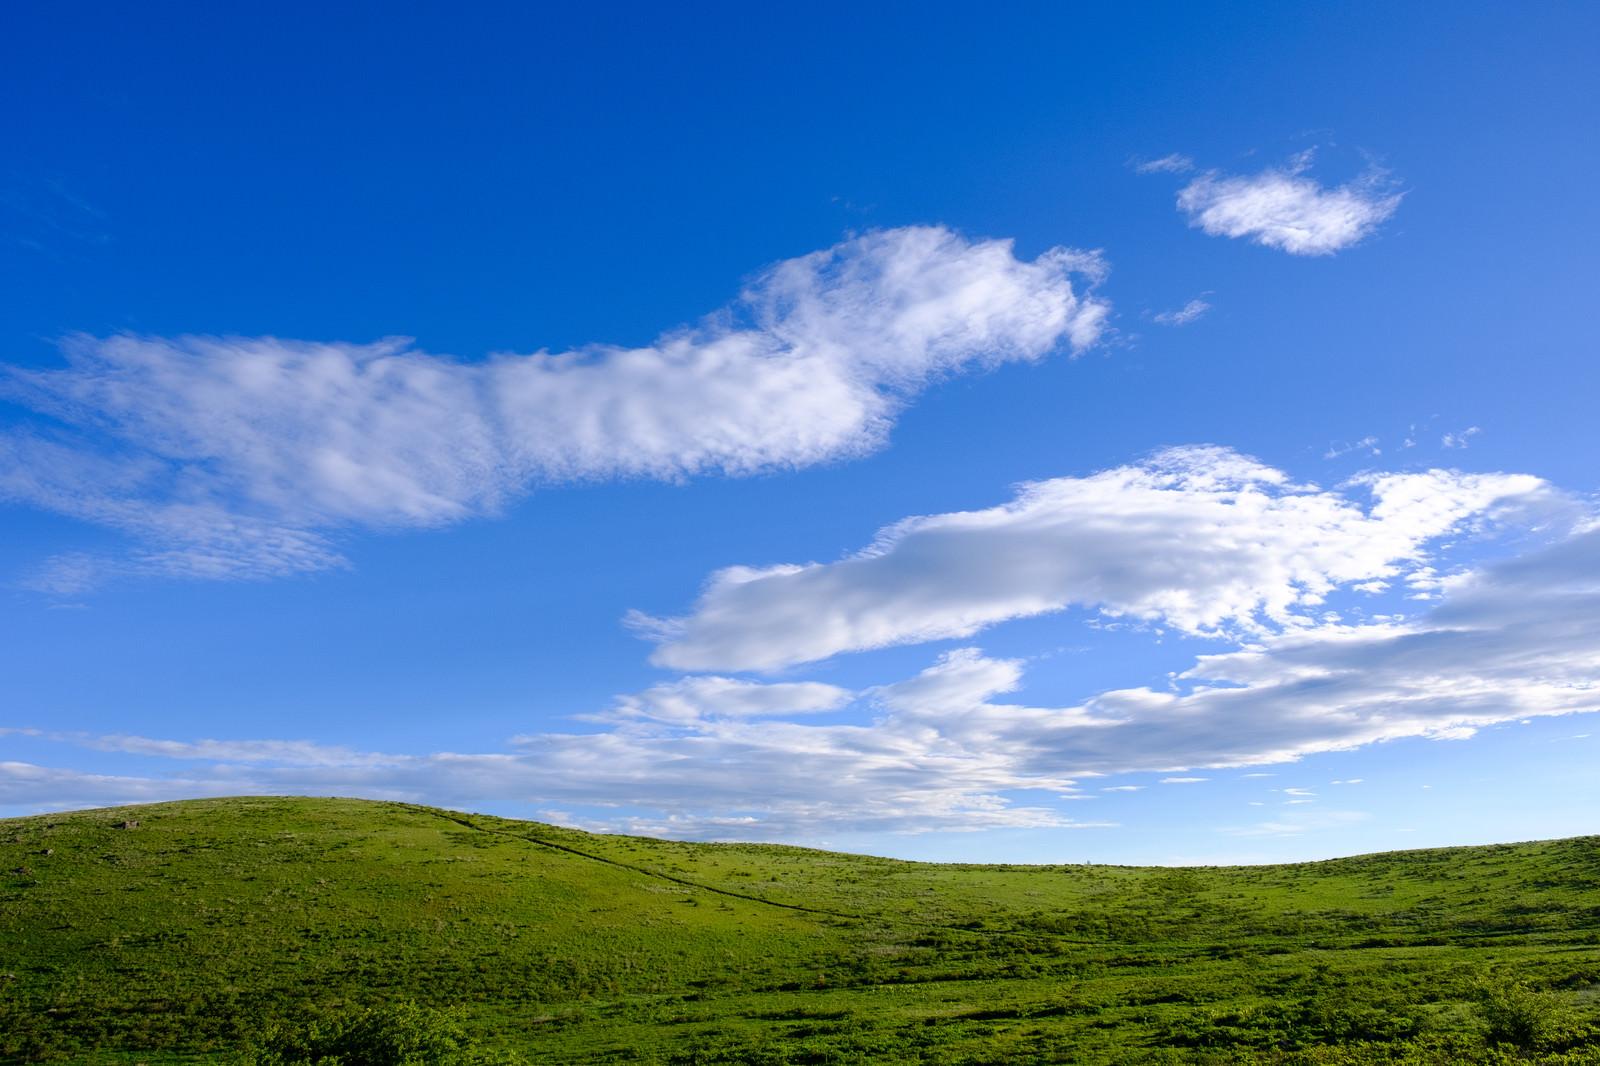 「背景・壁紙にしたくなる高原の様子背景・壁紙にしたくなる高原の様子」のフリー写真素材を拡大